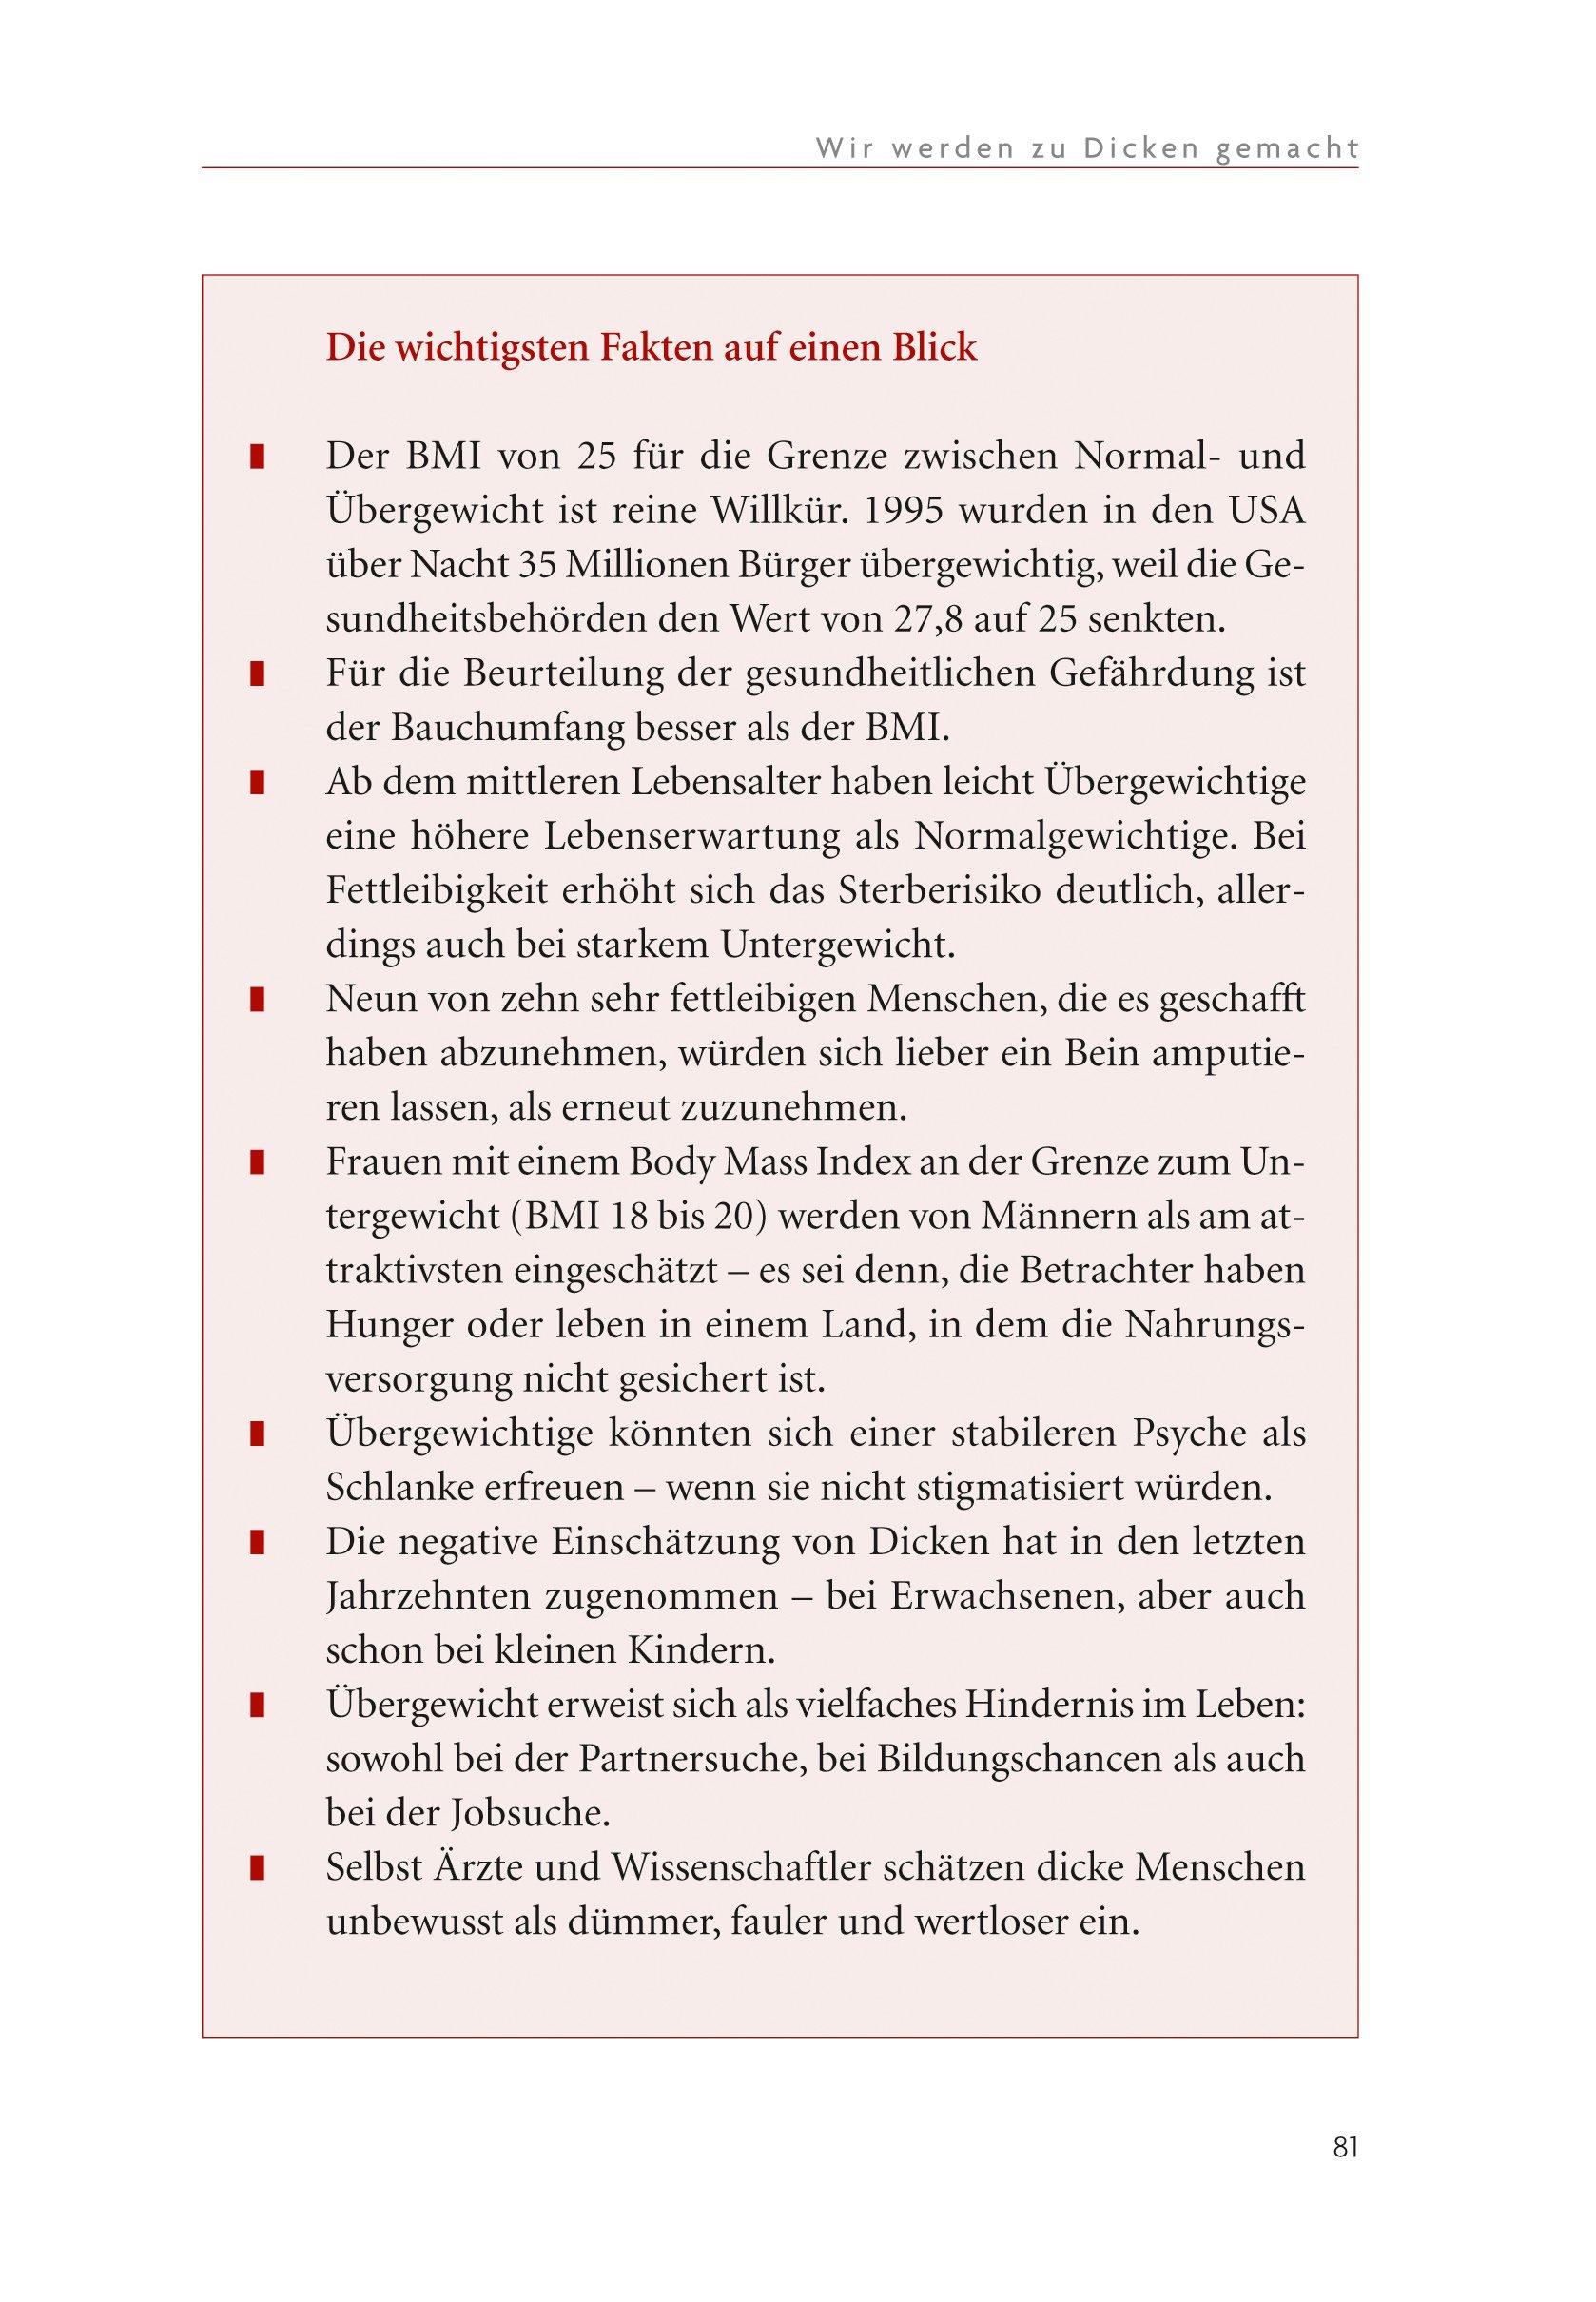 Großartig Anatomie Spaß Fakten Galerie - Anatomie Ideen - finotti.info